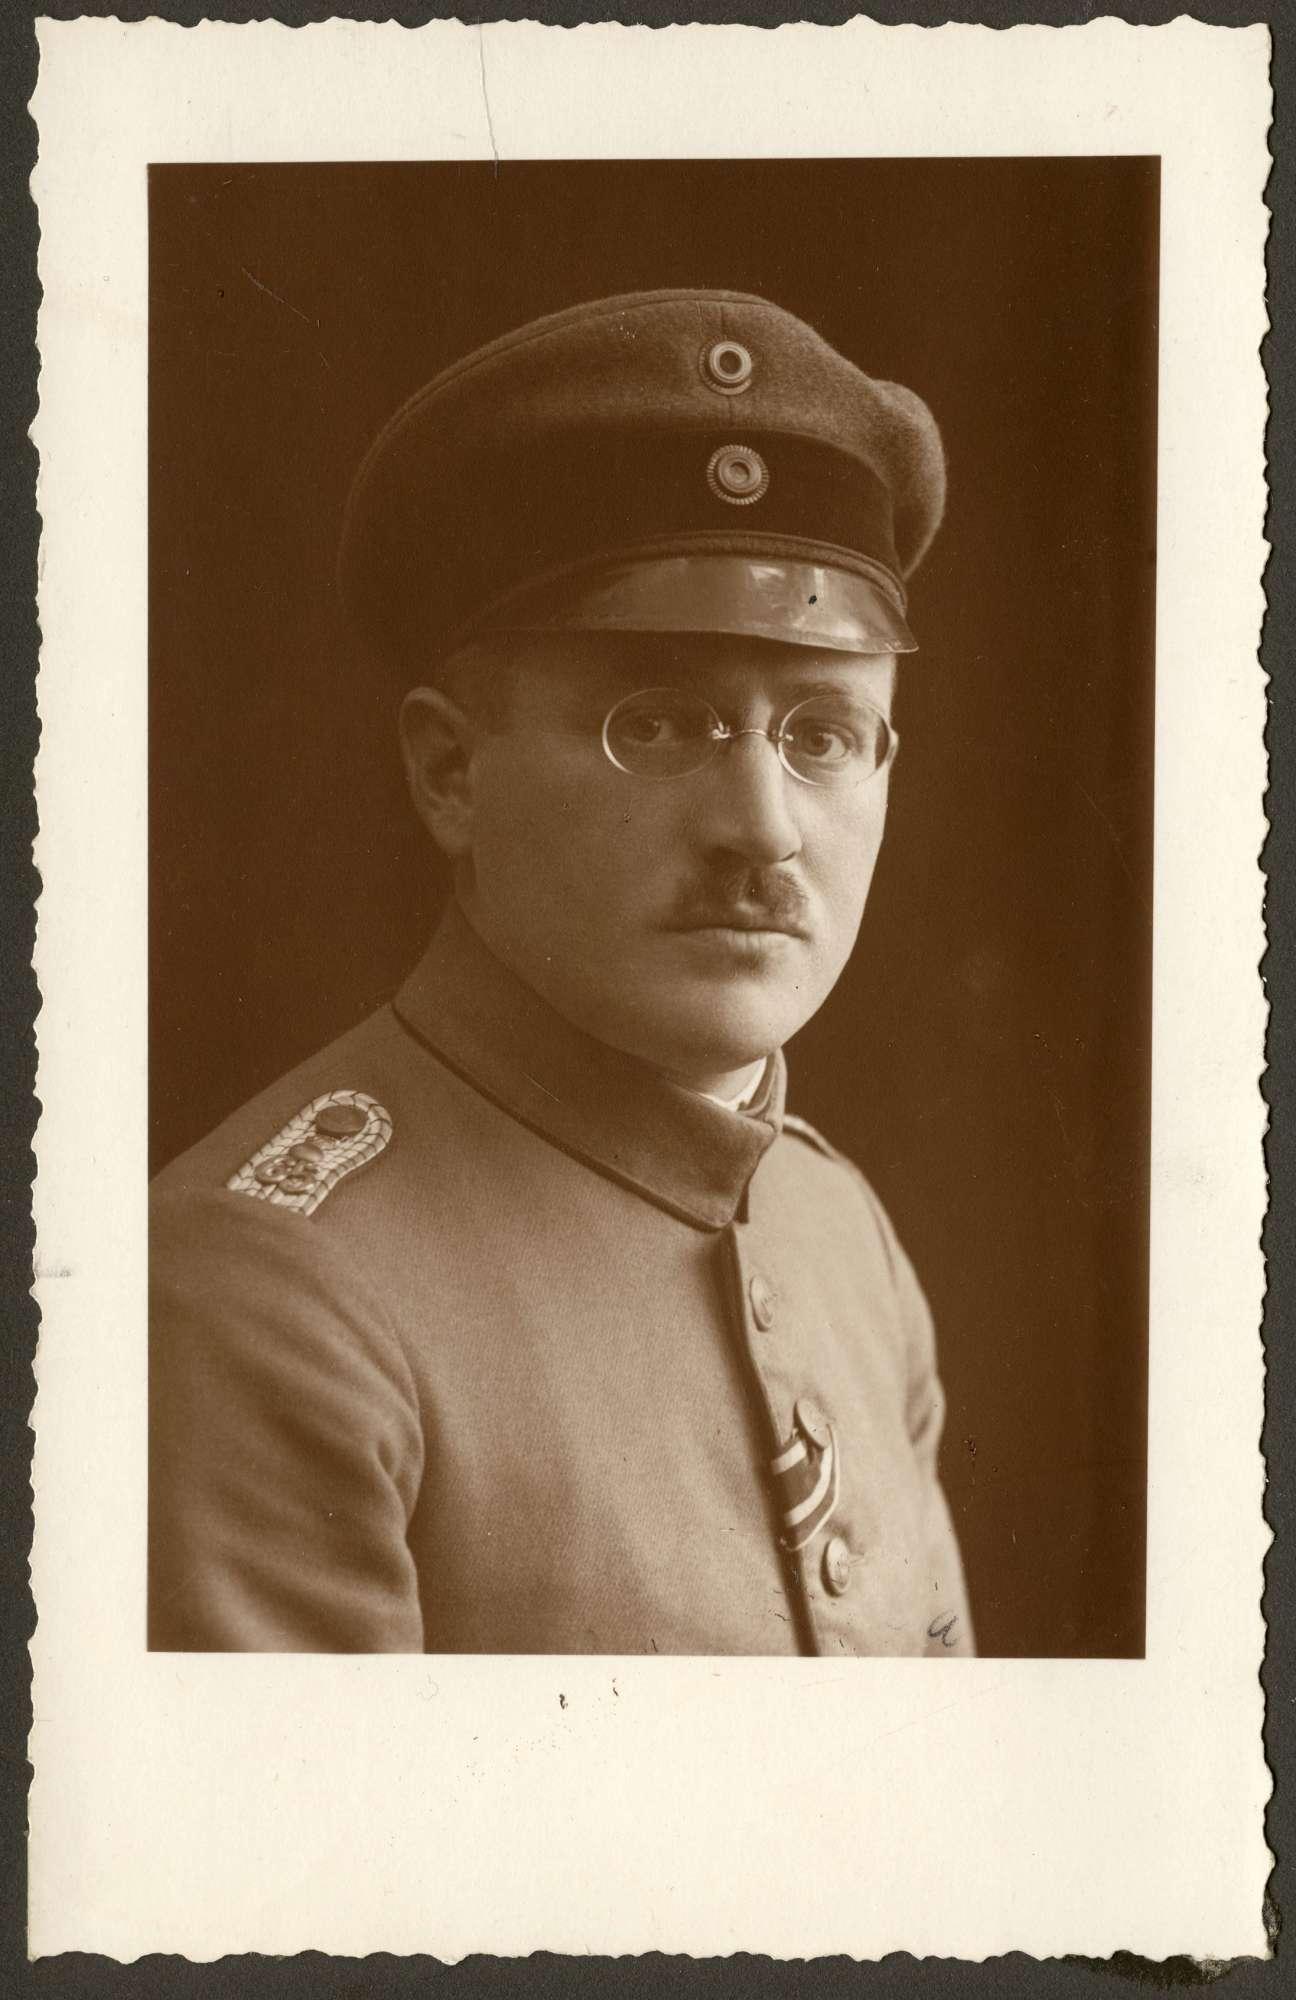 Selbherr, Ernst, Bild 1